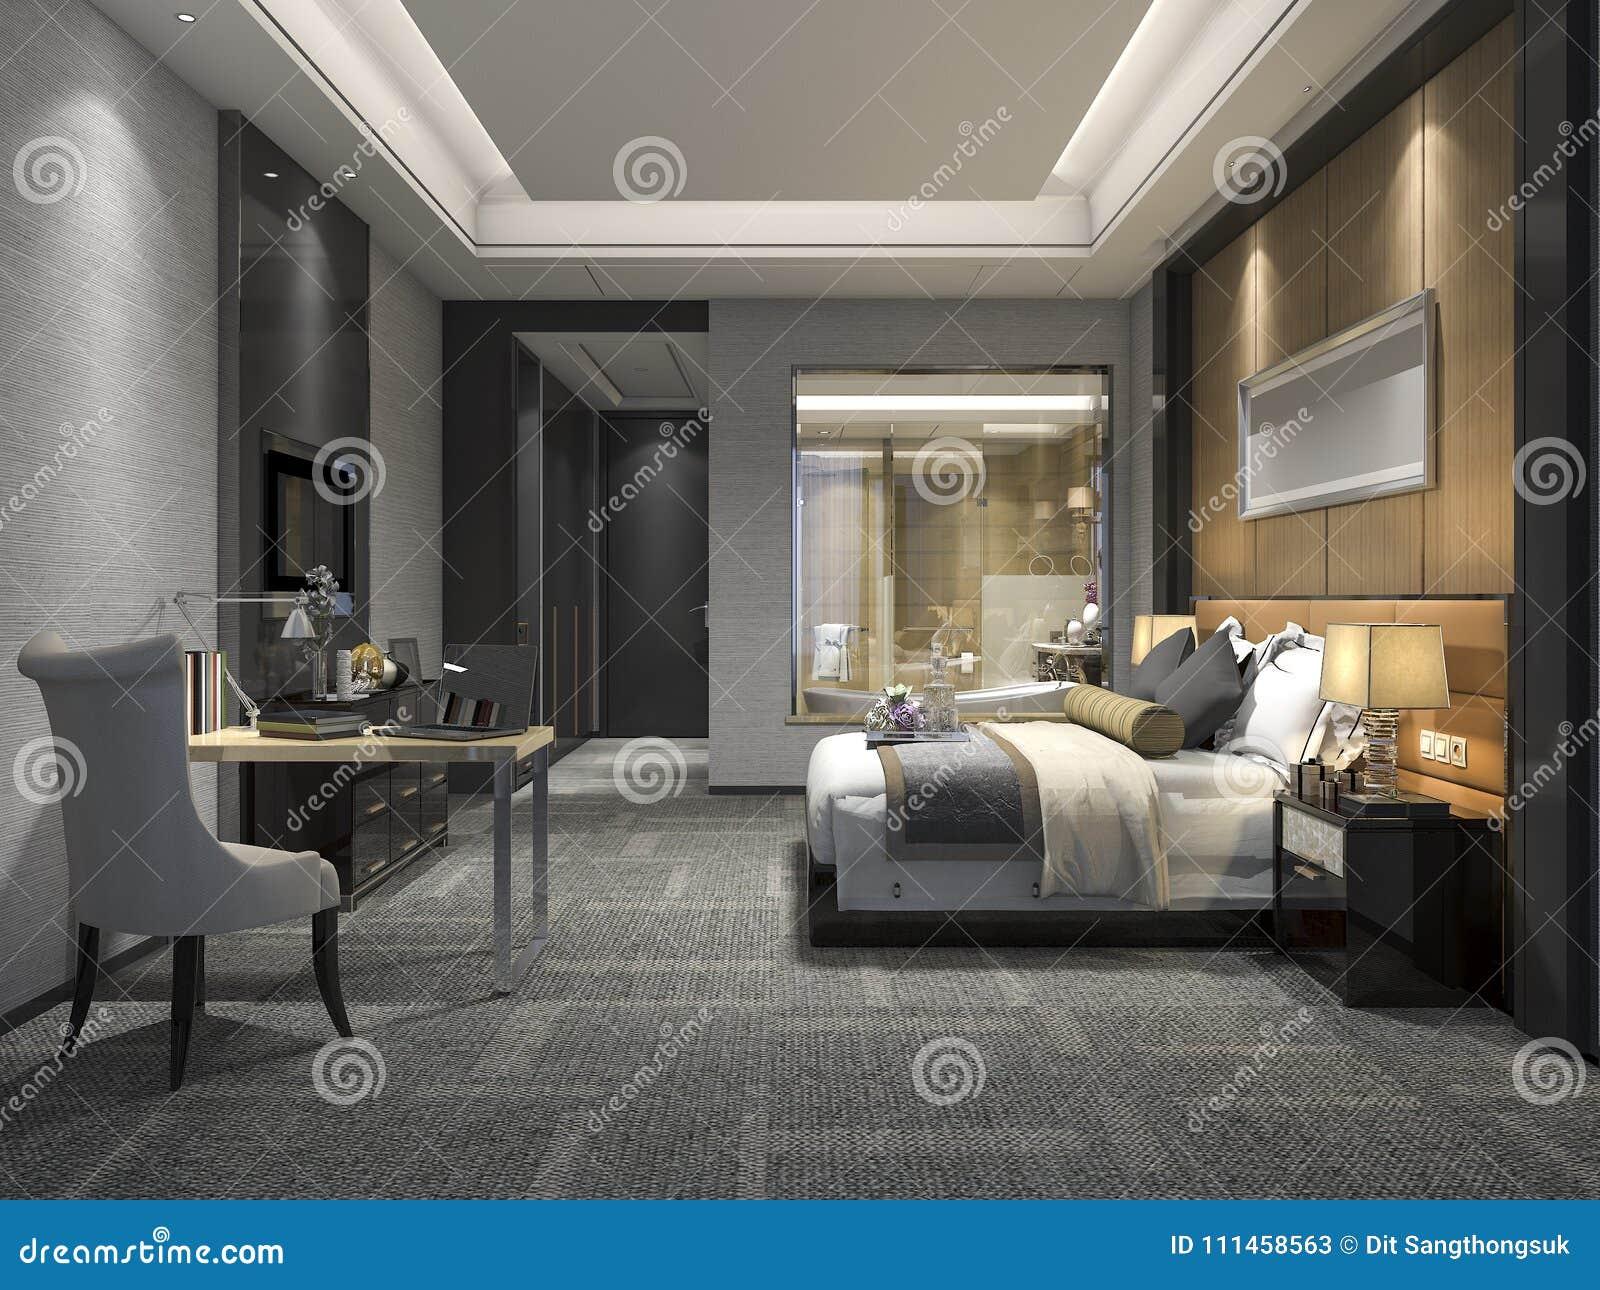 bedroom modern luxury. 3d Rendering Modern Luxury Bedroom Suite And Bathroom. Apartment, Living. A